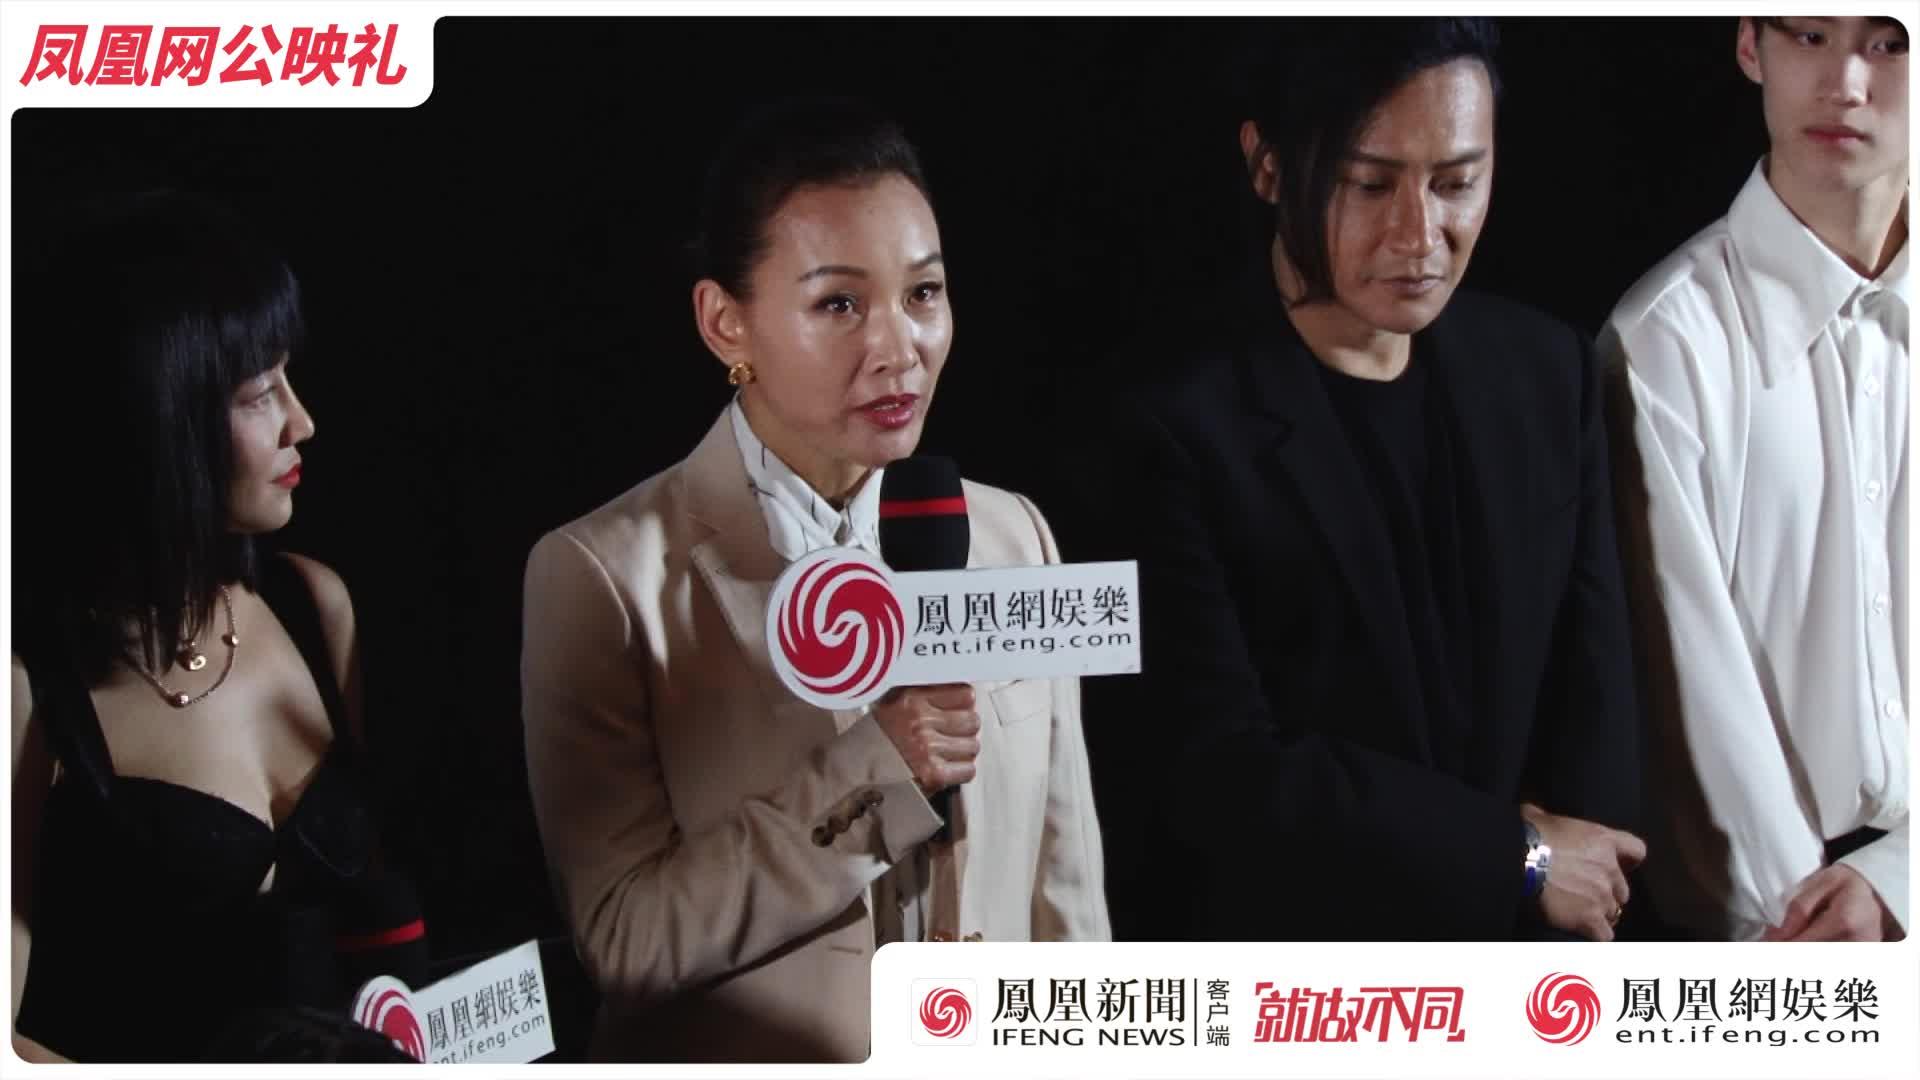 """《误杀》公映礼:陈冲自然演绎凶悍,被老公夸""""本色出演"""""""